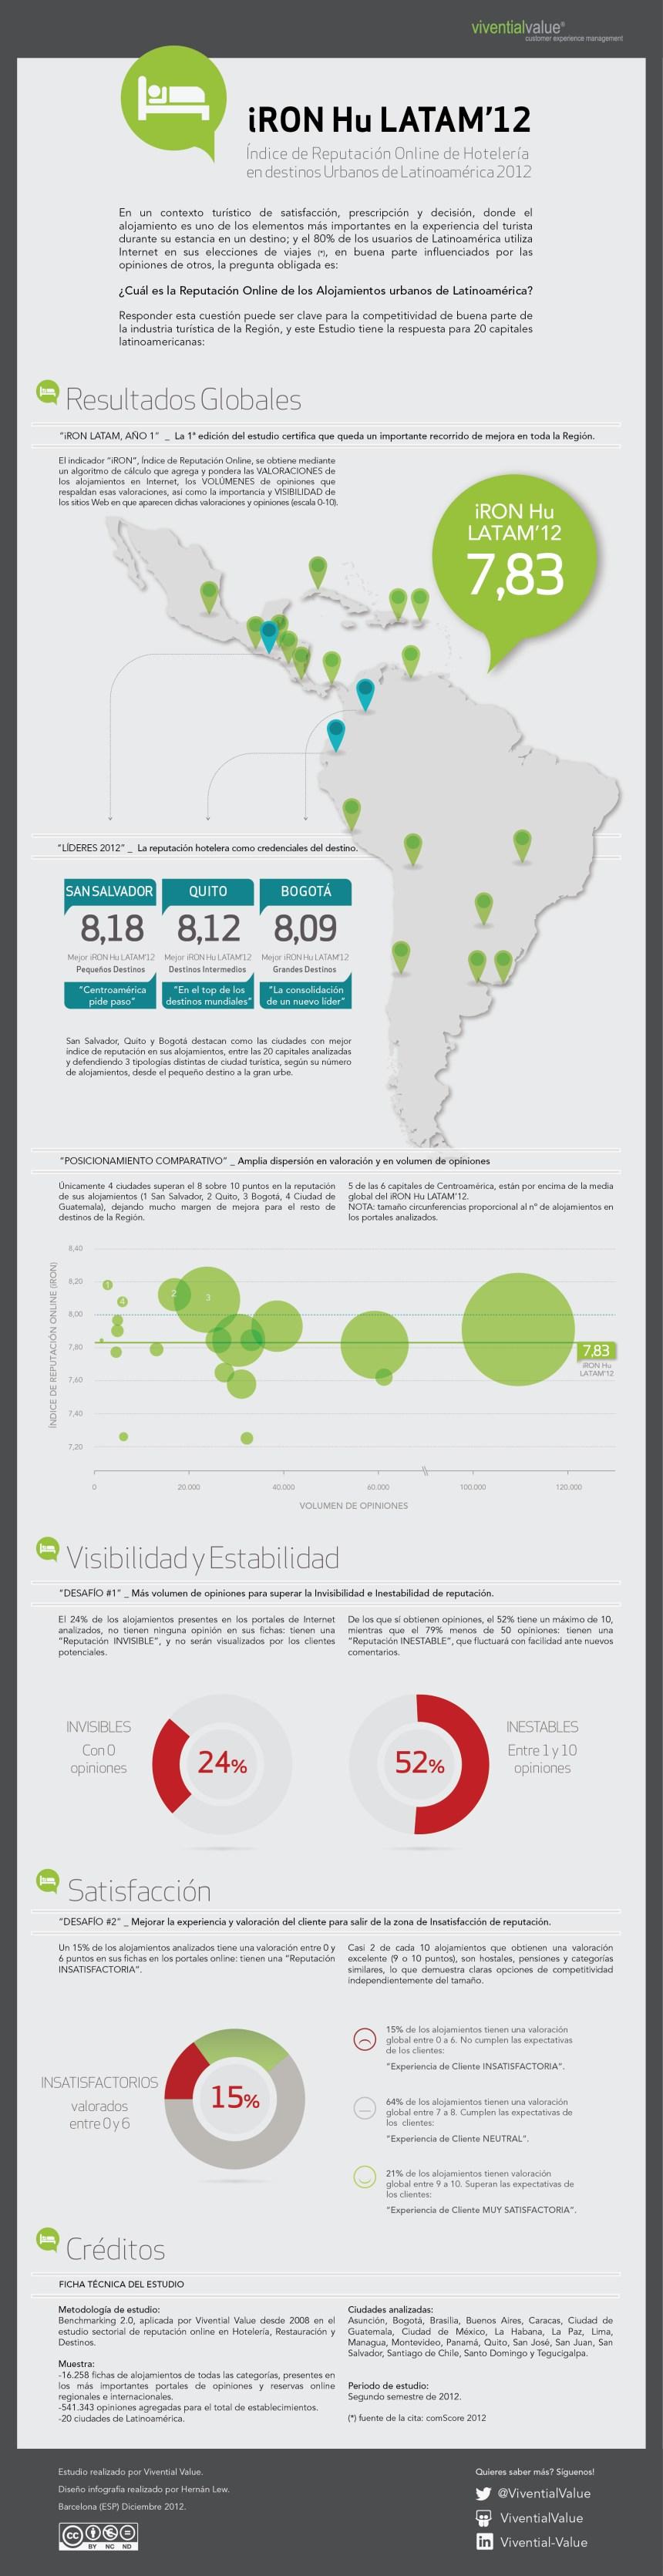 Reputación online hostelería urbana Latinoamérica 2012